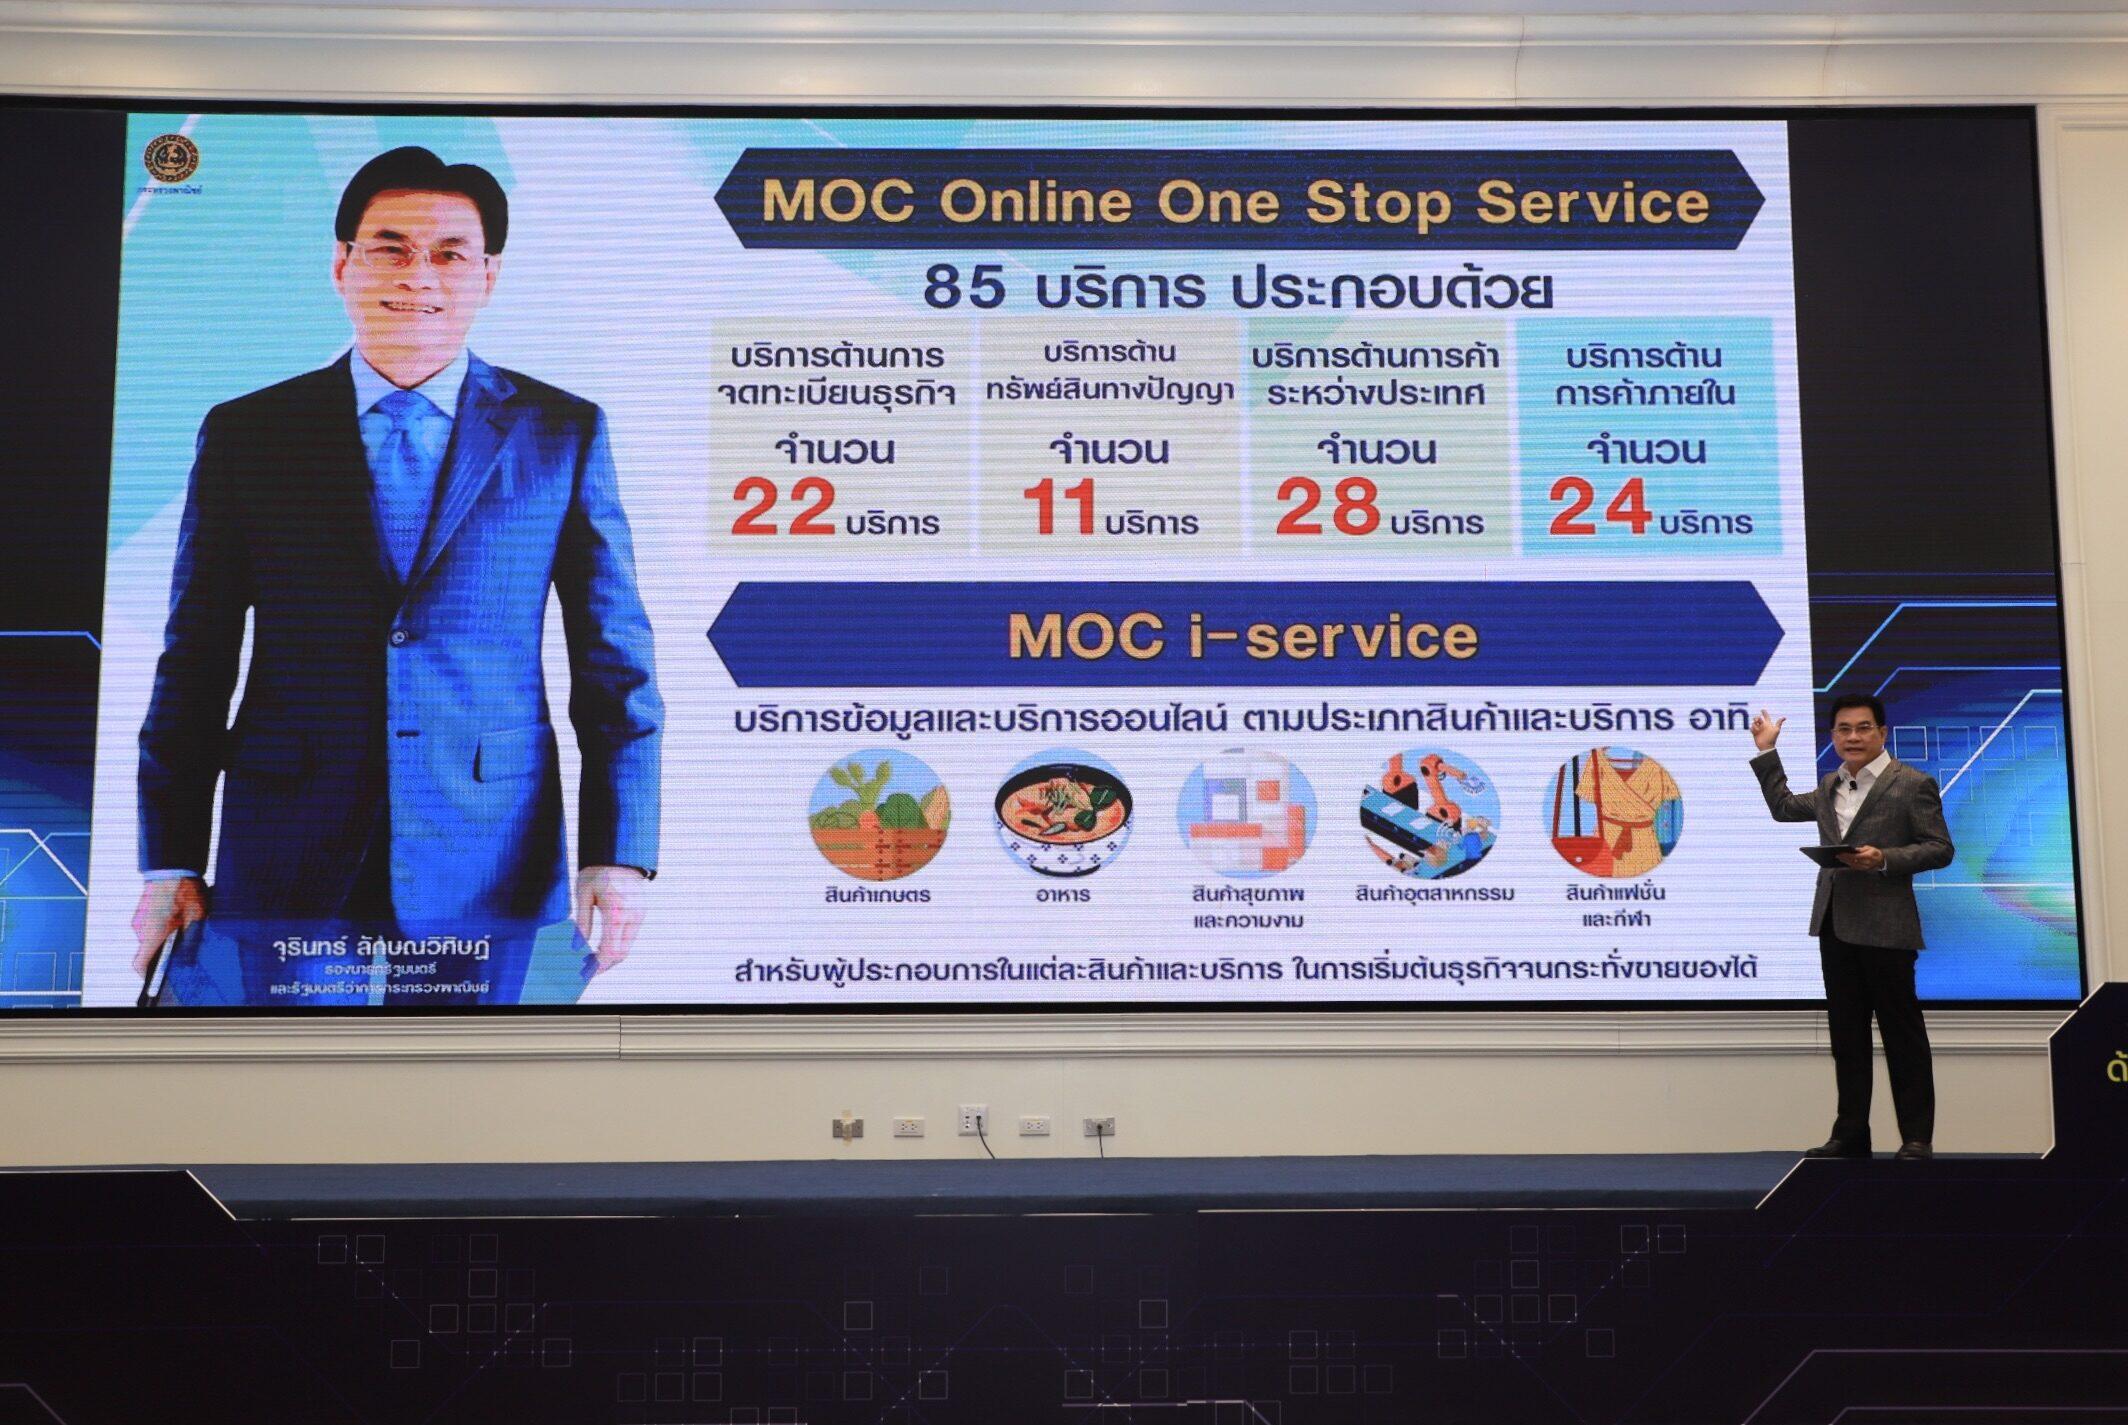 จุรินทร์ เปิดตัว 85 บริการเบ็ดเสร็จระบบออนไลน์ ประชาชนได้ประโยชน์ ลดขั้นตอนการรับบริการ